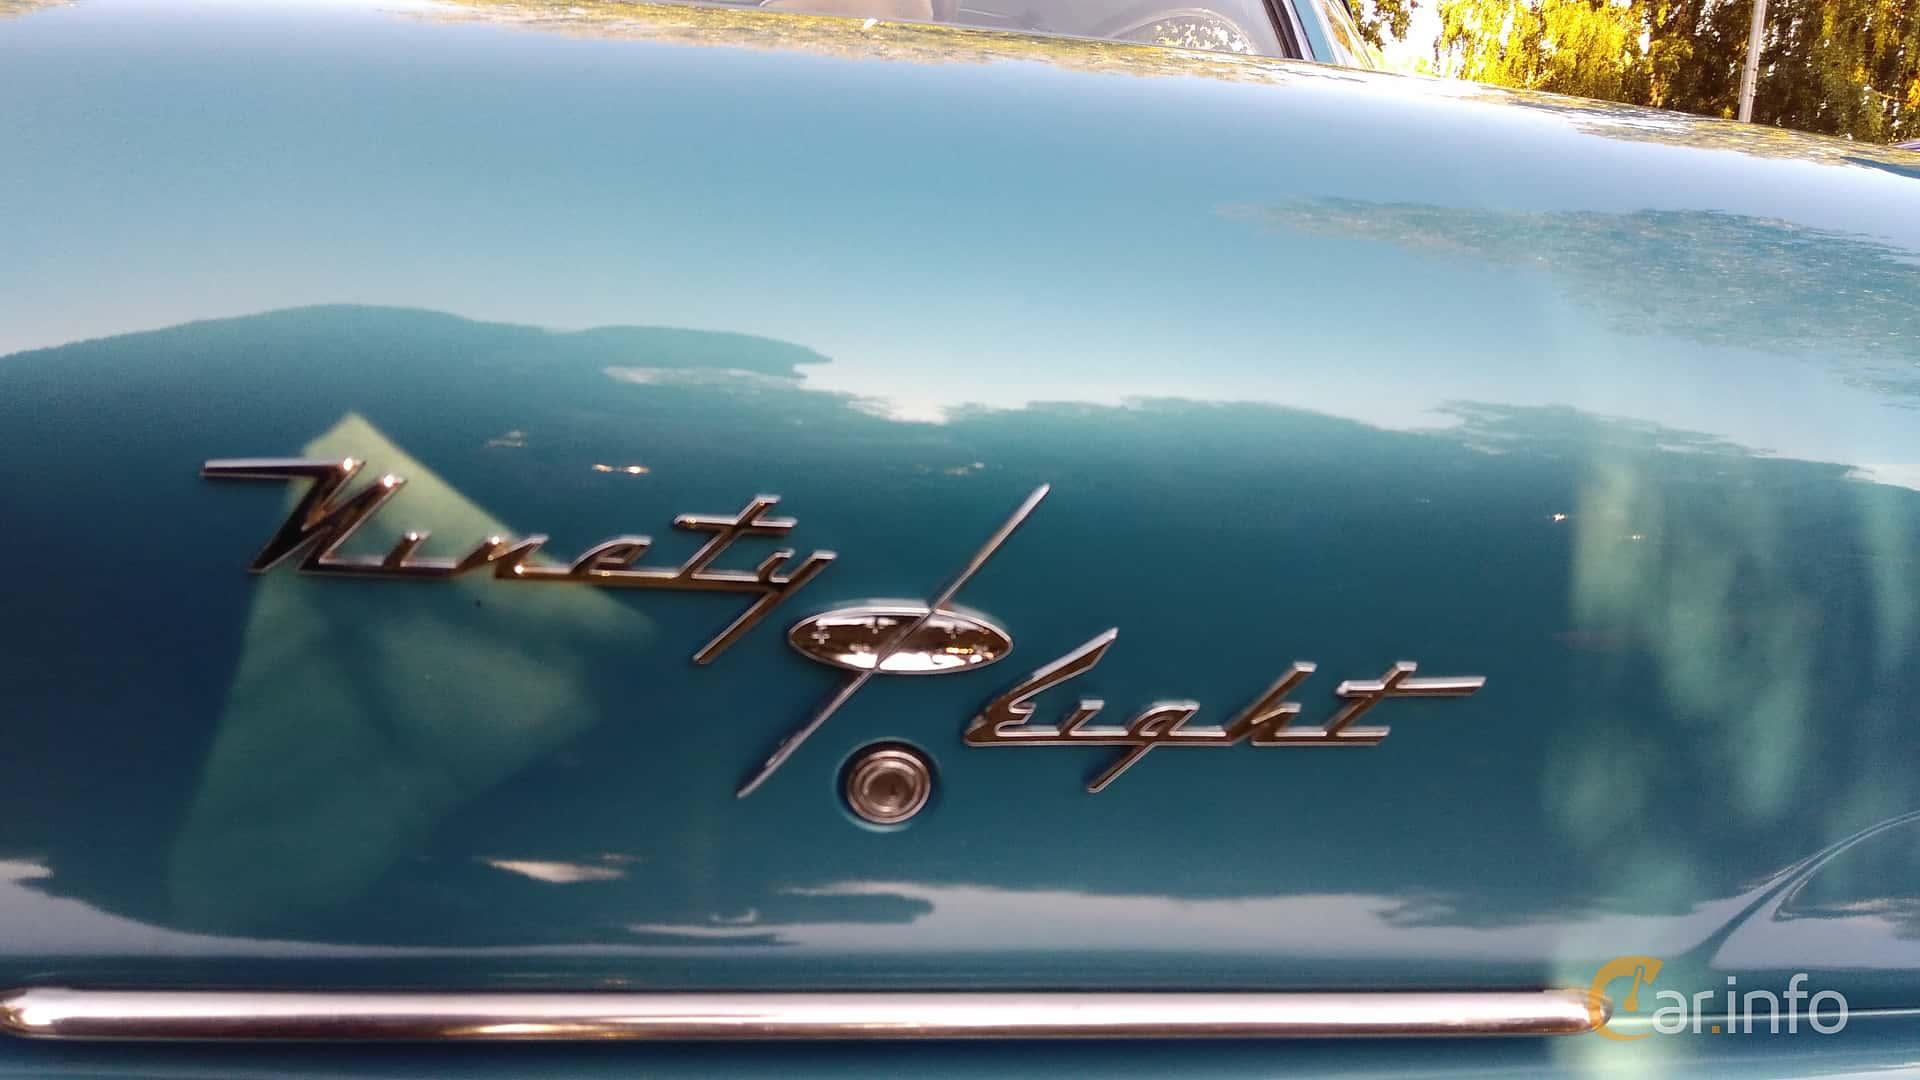 Oldsmobile Starfire 98 Holiday Sedan 6.1 V8 Hydra-Matic, 281hp, 1957 at Onsdagsträffar på Gammlia Umeå v.35 / 2017